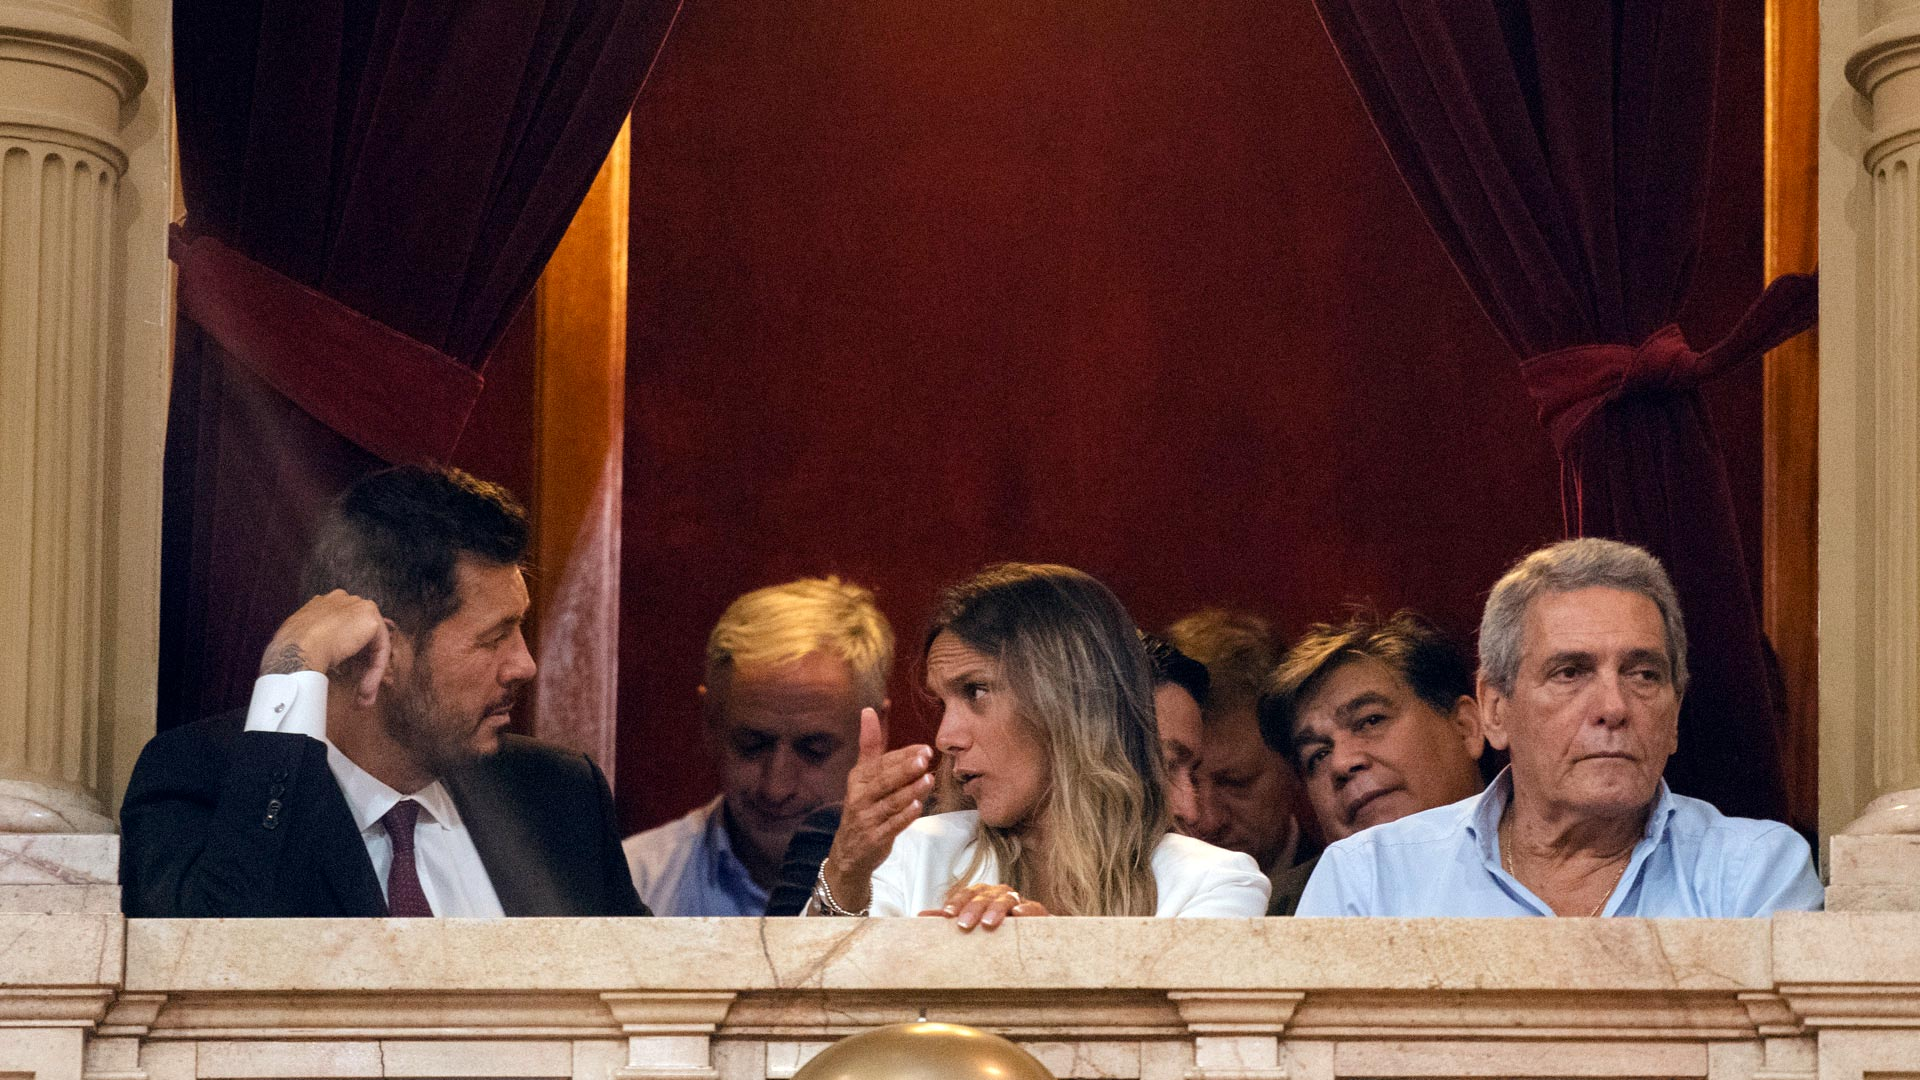 Marcelo Tinelli estuvo presente durante la Asamblea Legislativa, sentado en un palco al lado de Malena Galmarin. El conductor eligió un traje oscuro con corbata violeta, siguiendo una línea formal, pero no tan clásica